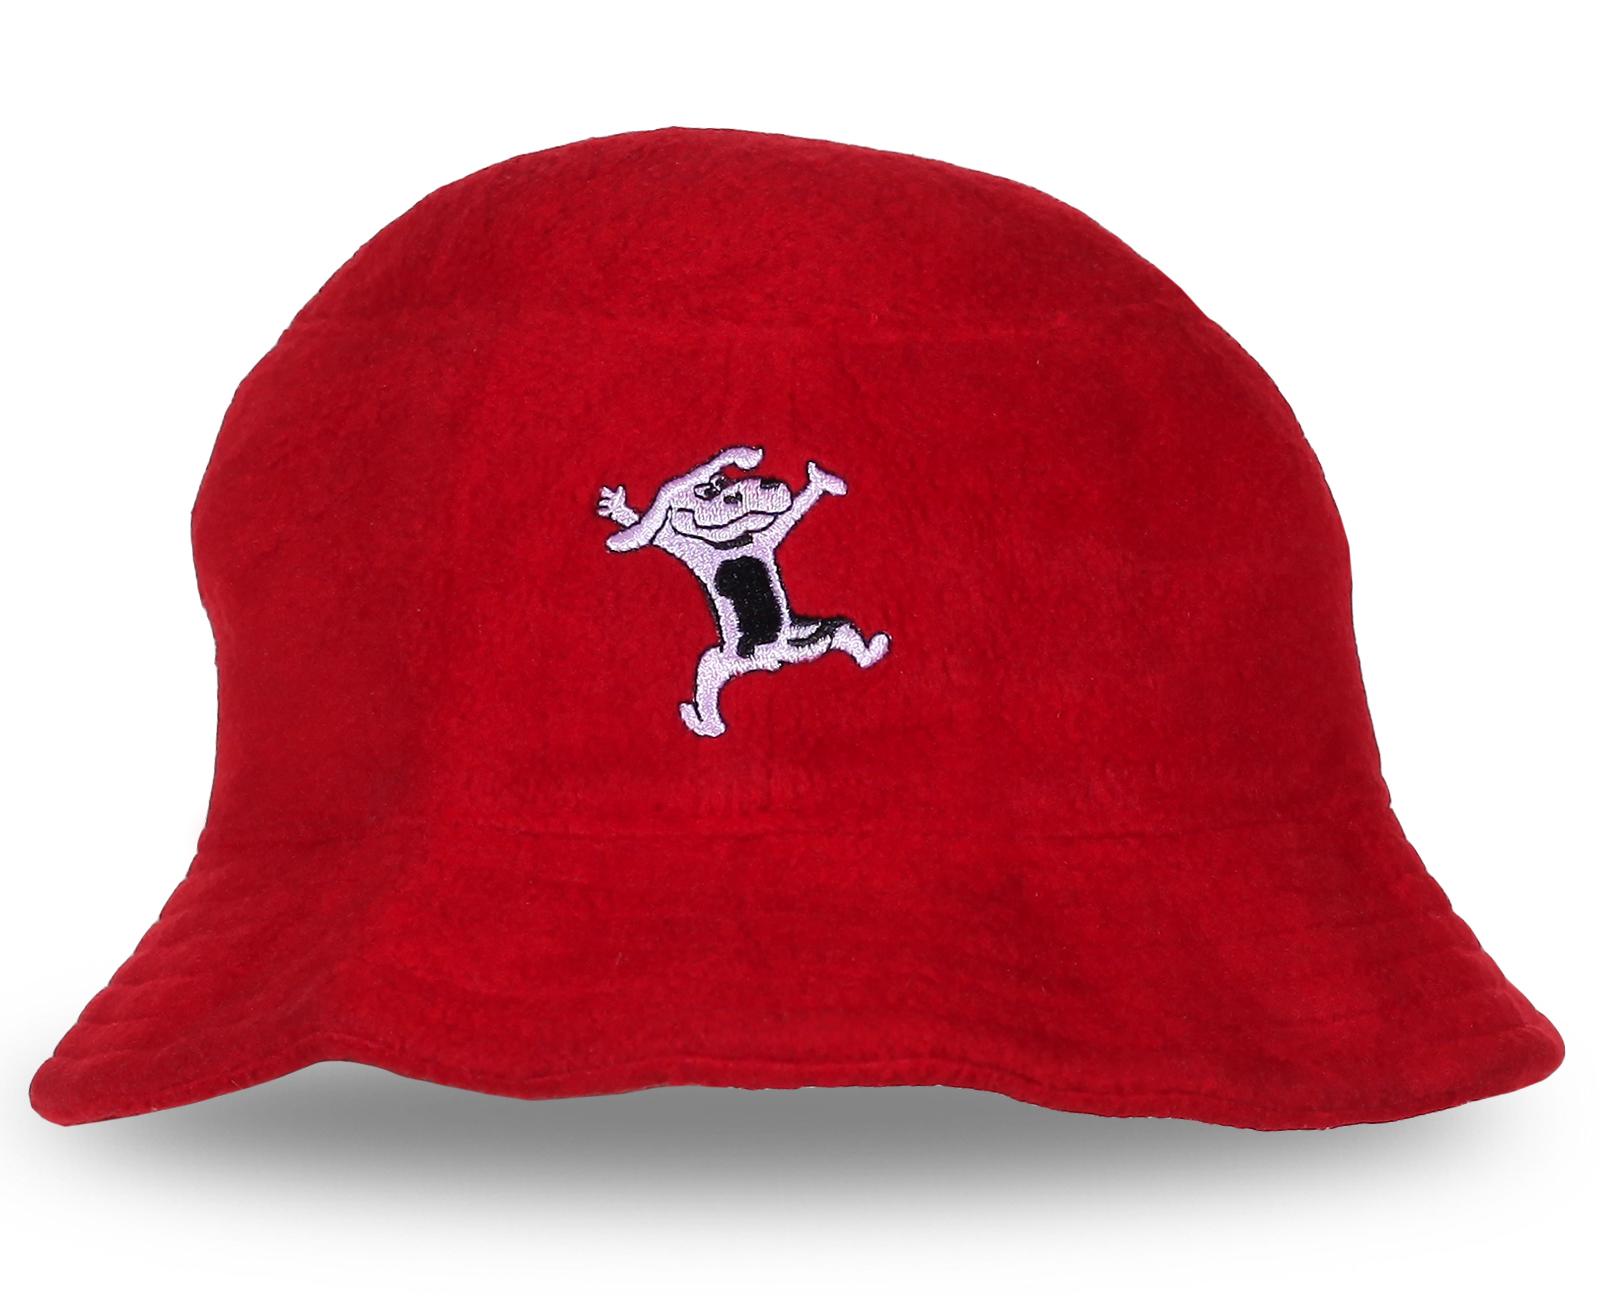 Яркая красная шляпа отличного качества